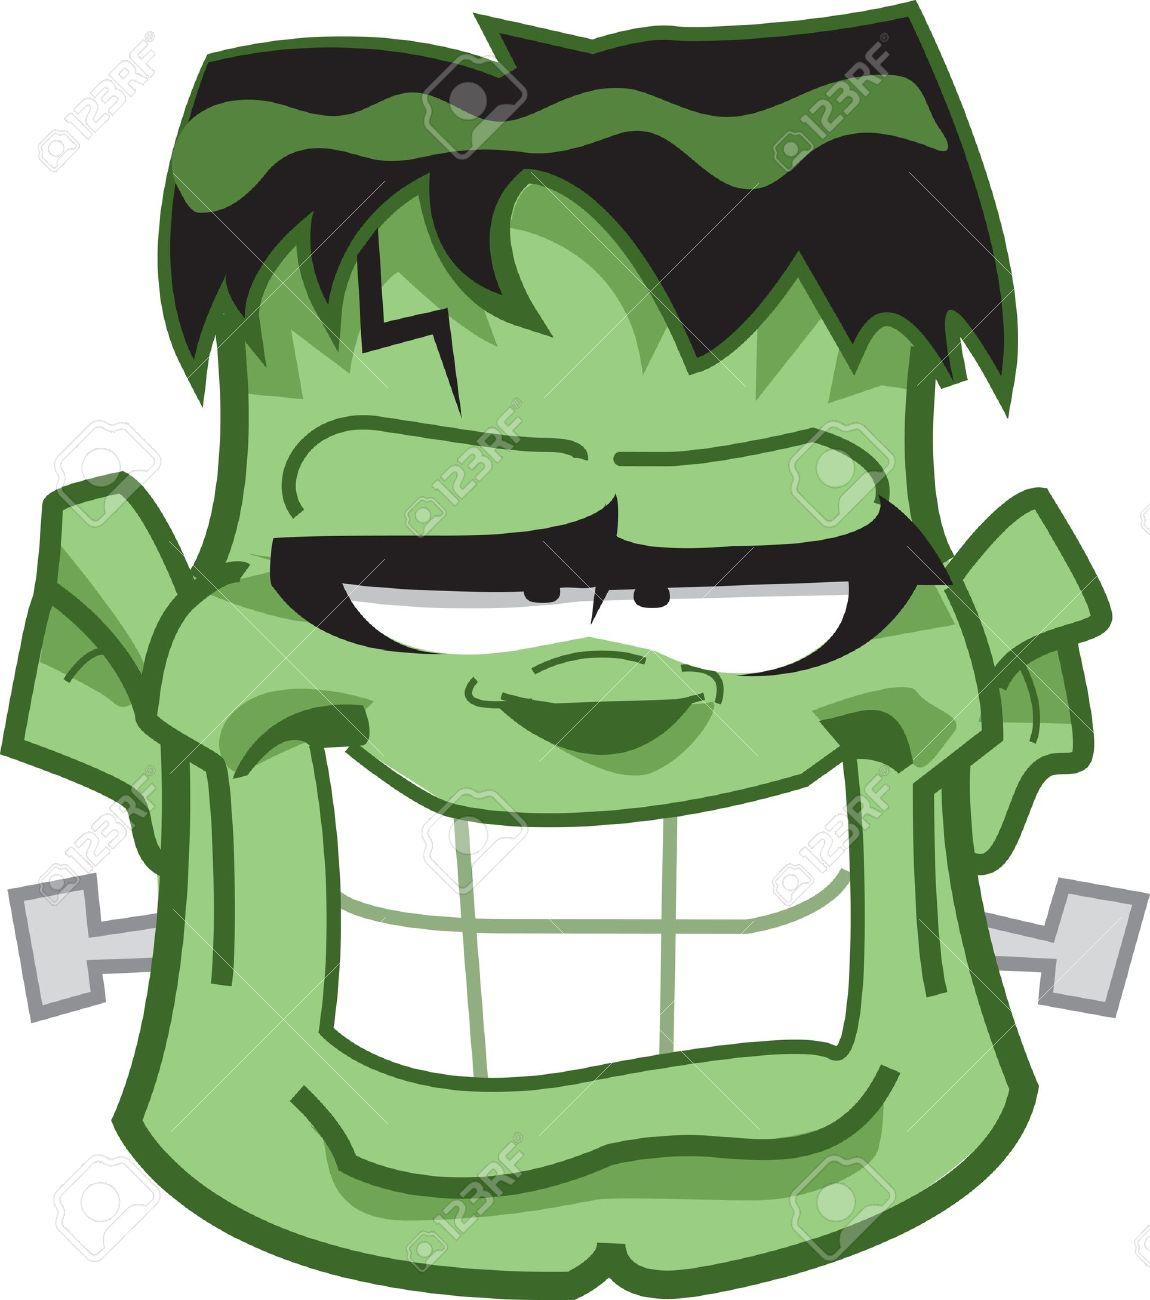 Classic Frankenstein Monster Cartoon Head.